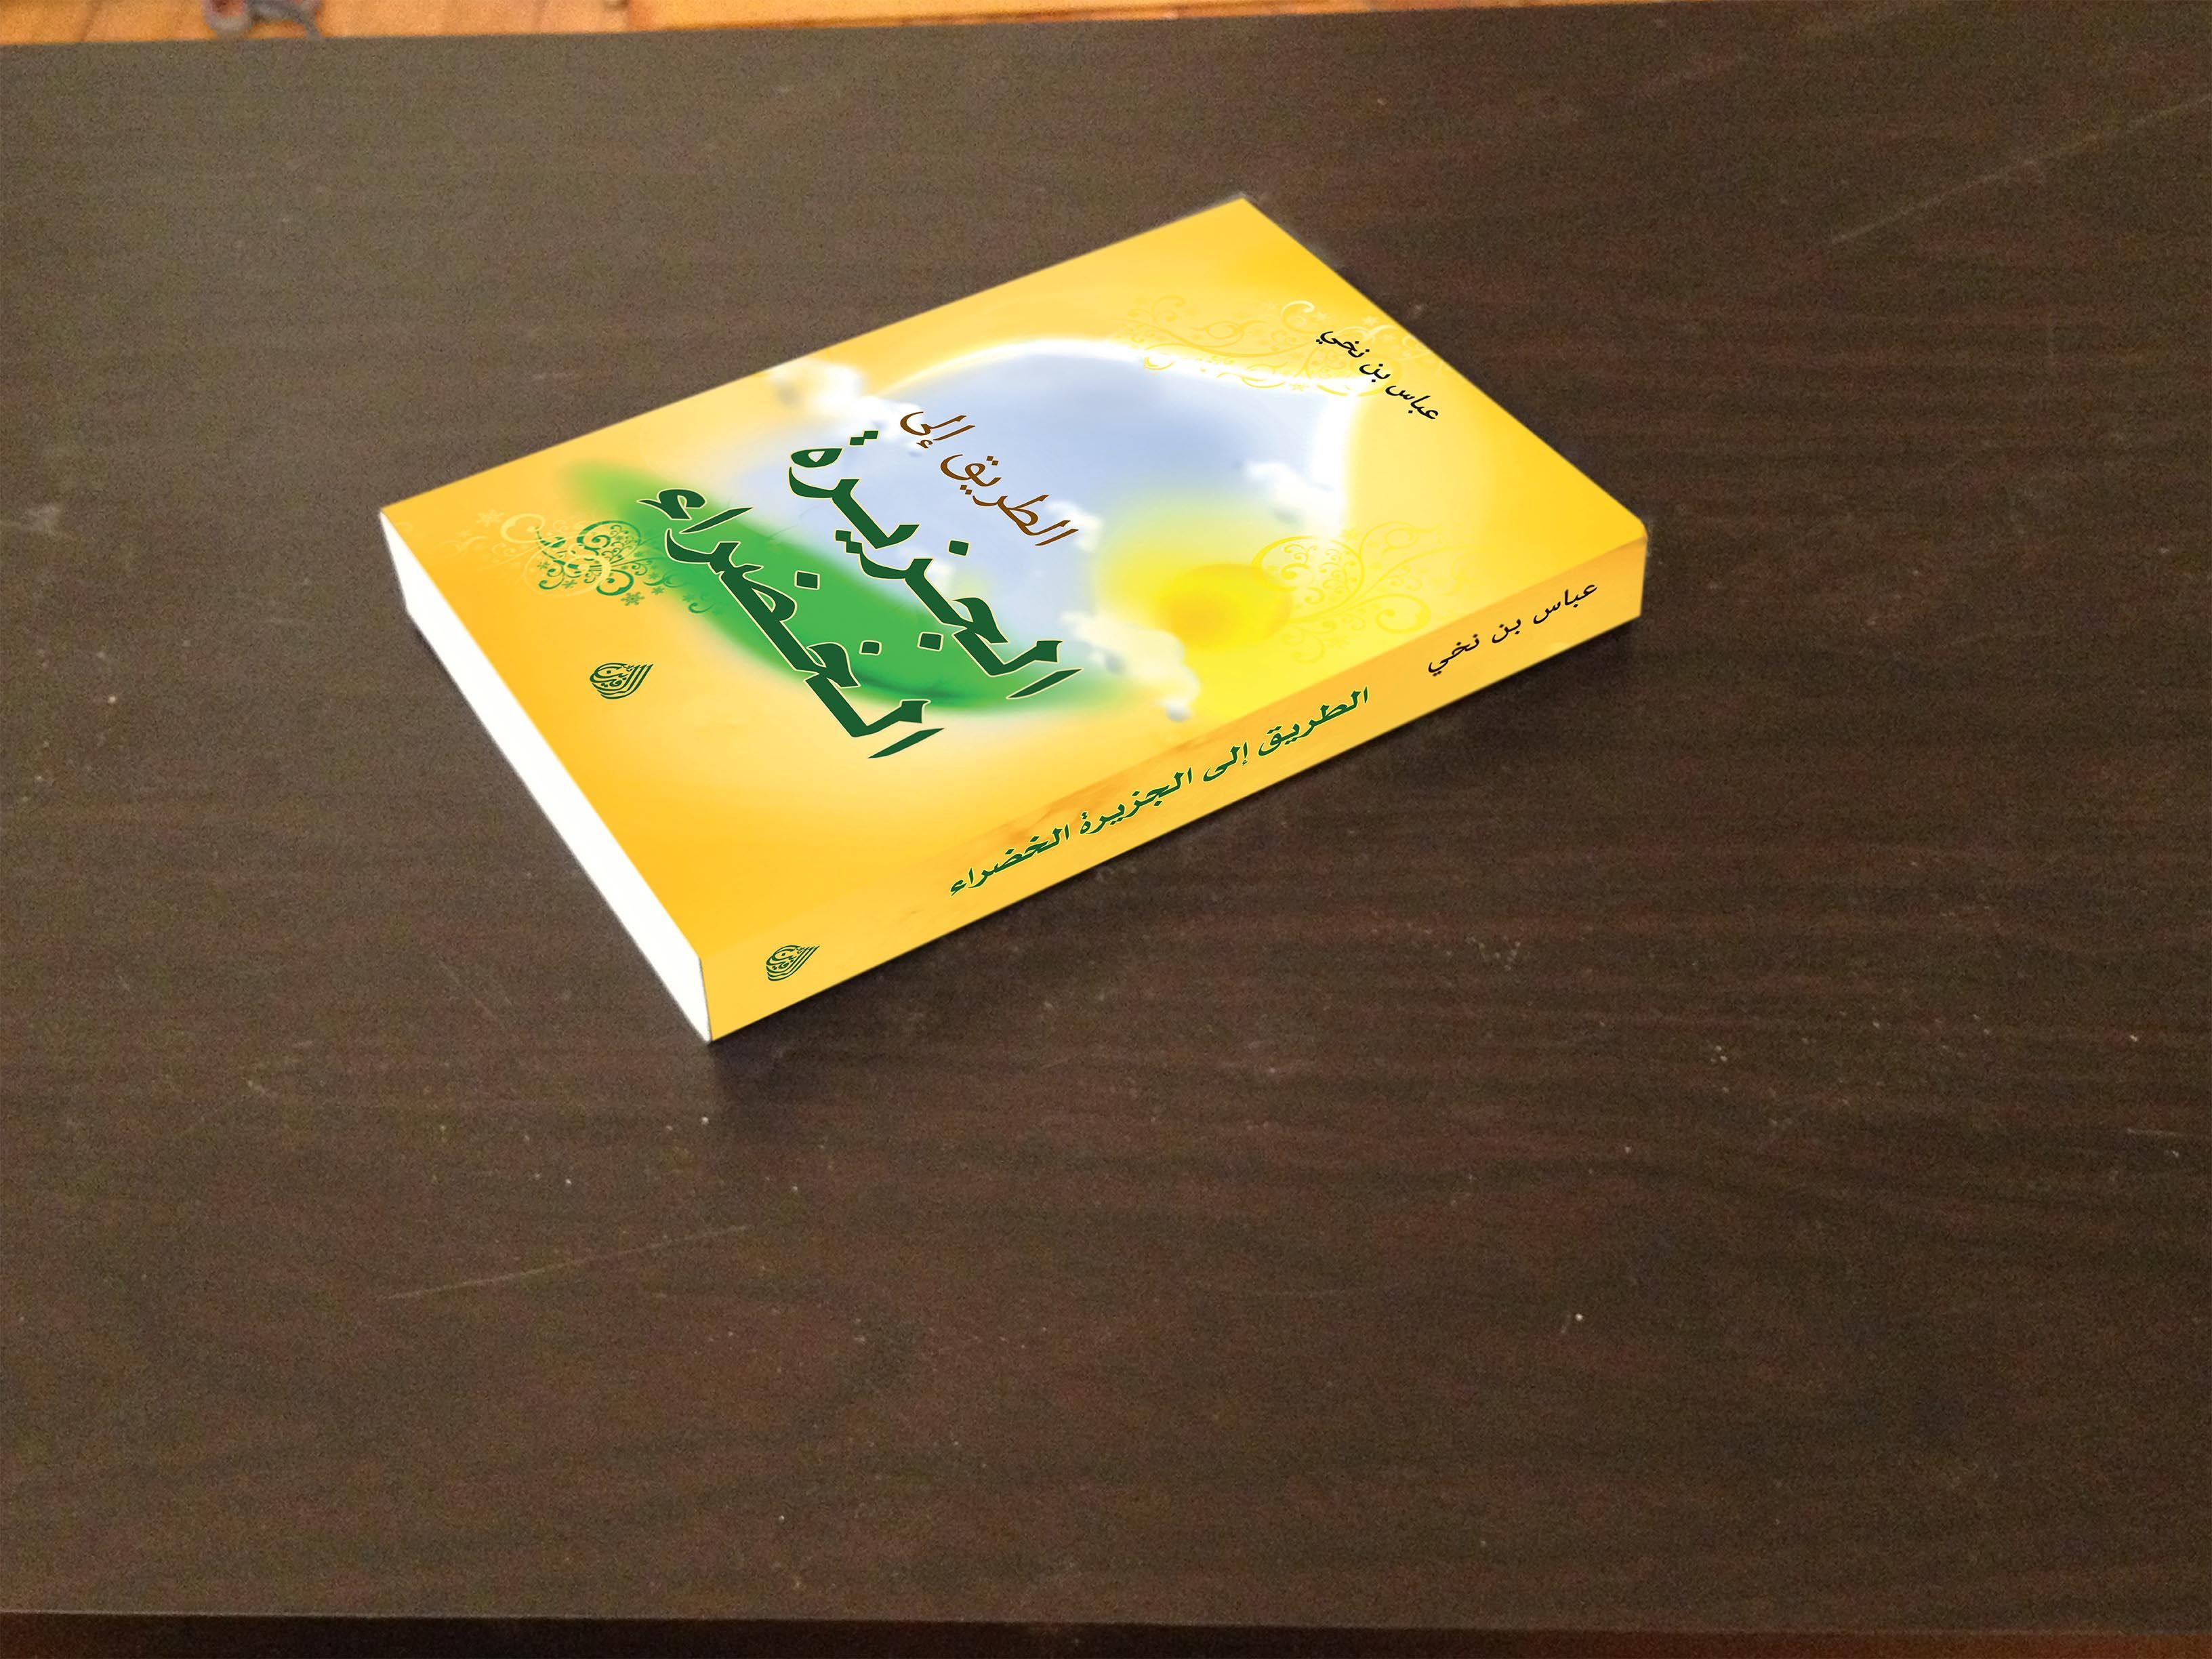 صدر حديثا لدى دار الرافدين للطباعة والنشر والتوزيع اسم الكتاب الطريق الى الجزيرة الخضراء للمؤلف عباس بن نخي سنة الطبع 2017 الط Lol White Out Tape White Out